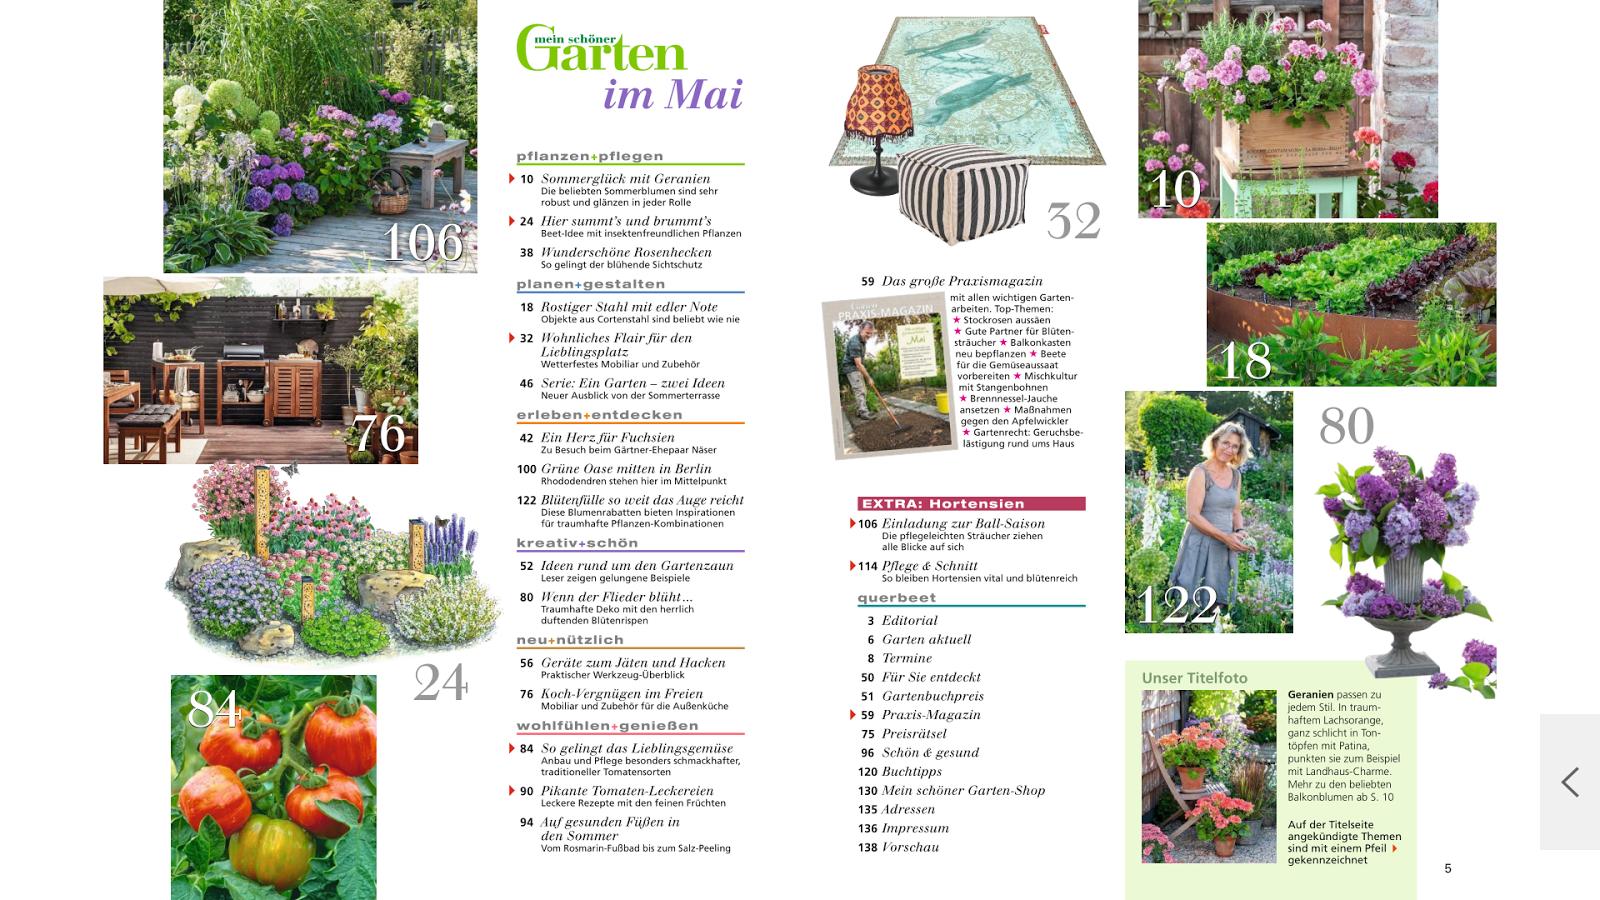 Mein Schöner Garten Magazin 321 Apk Download Android Lifestyle Apps